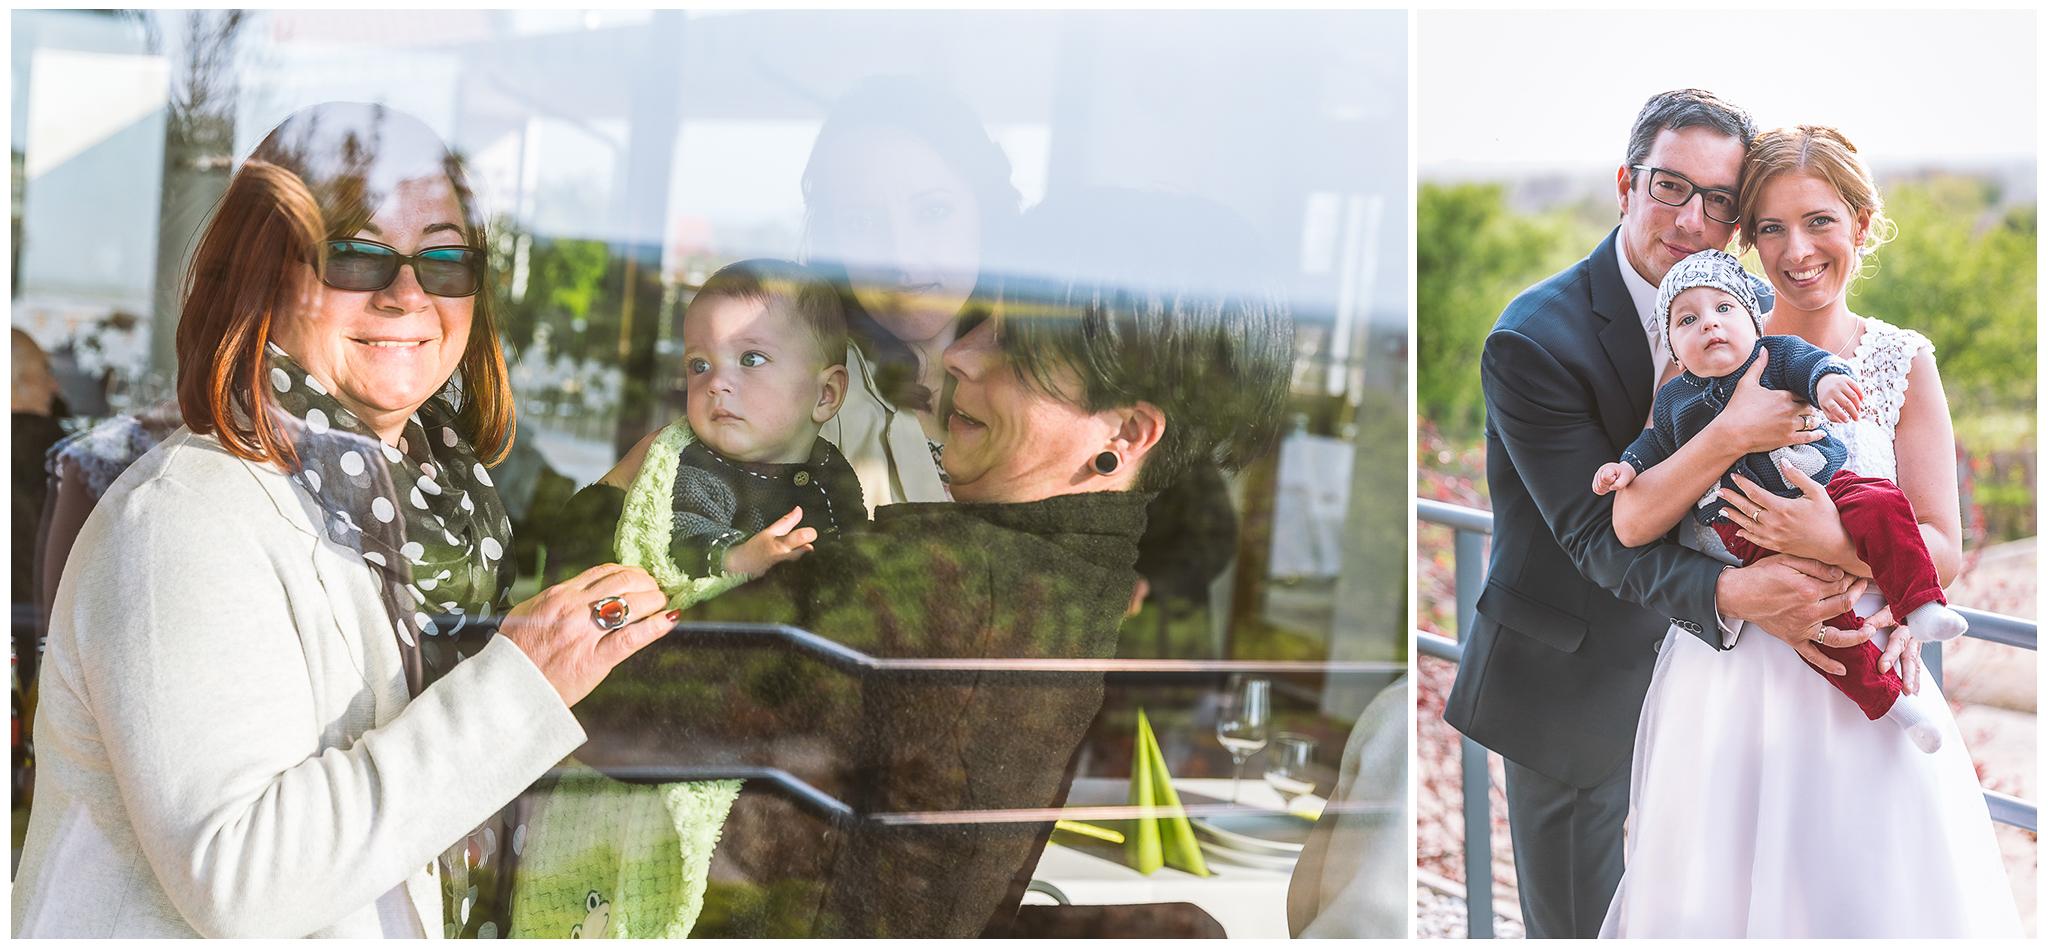 FylepPhoto, esküvőfotós, esküvői fotós Körmend, Szombathely, esküvőfotózás, magyarország, vas megye, prémium, jegyesfotózás, Fülöp Péter, körmend, kreatív, fotográfus_38.jpg